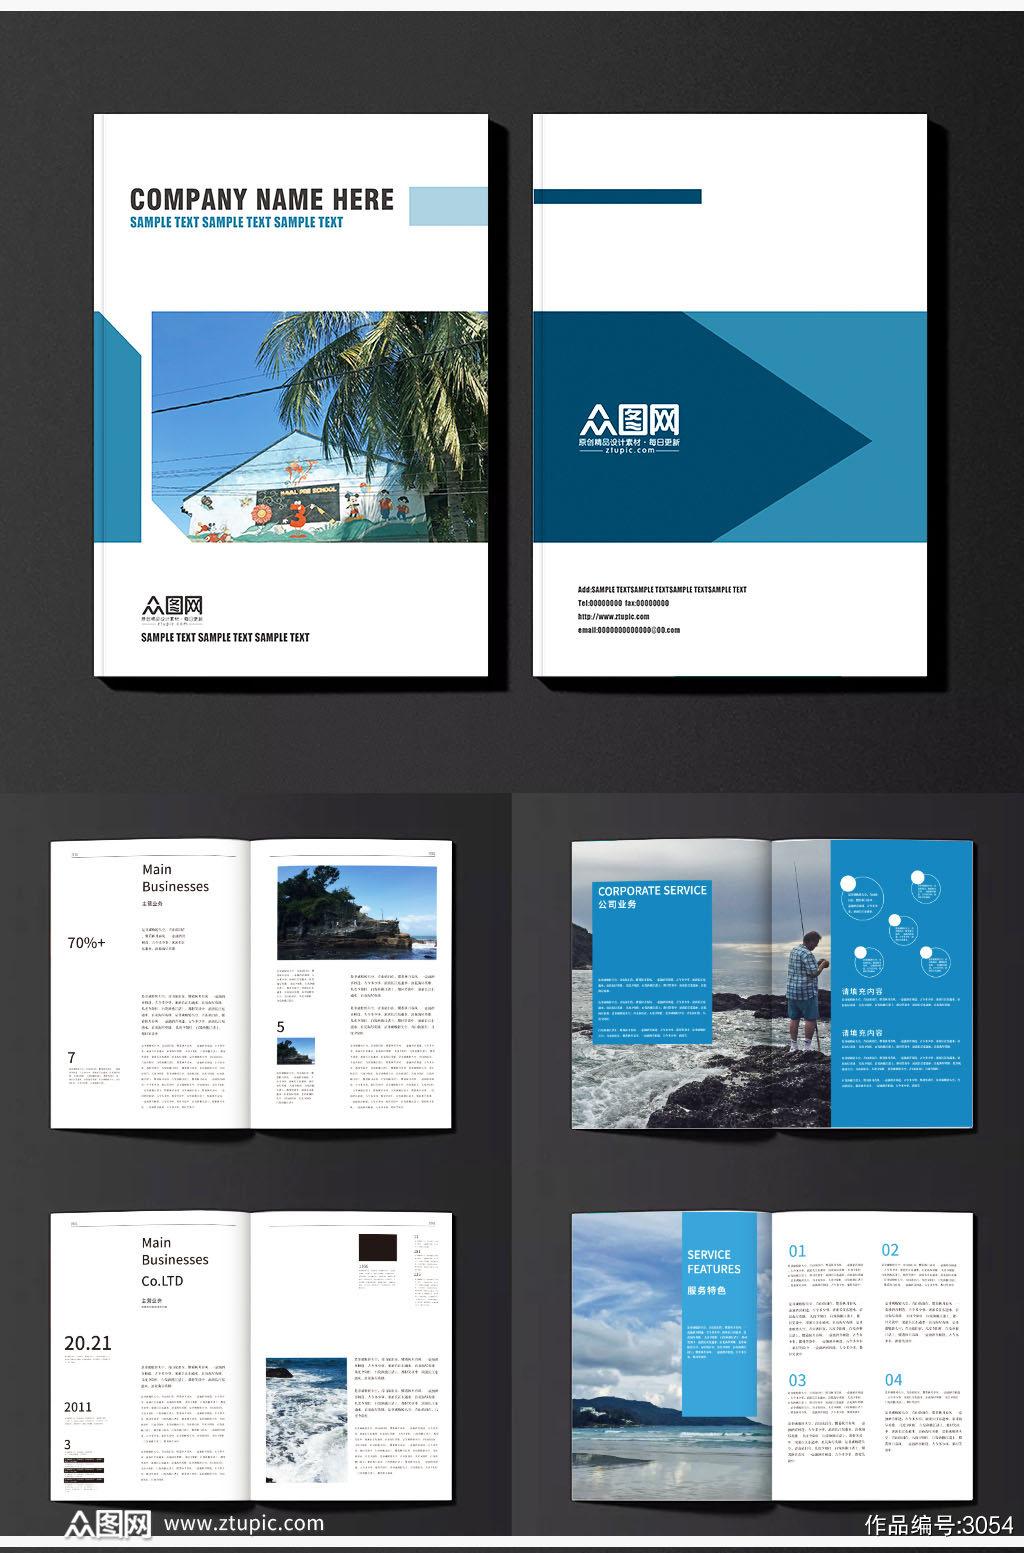 旅游风光度假景点企业宣传画册素材